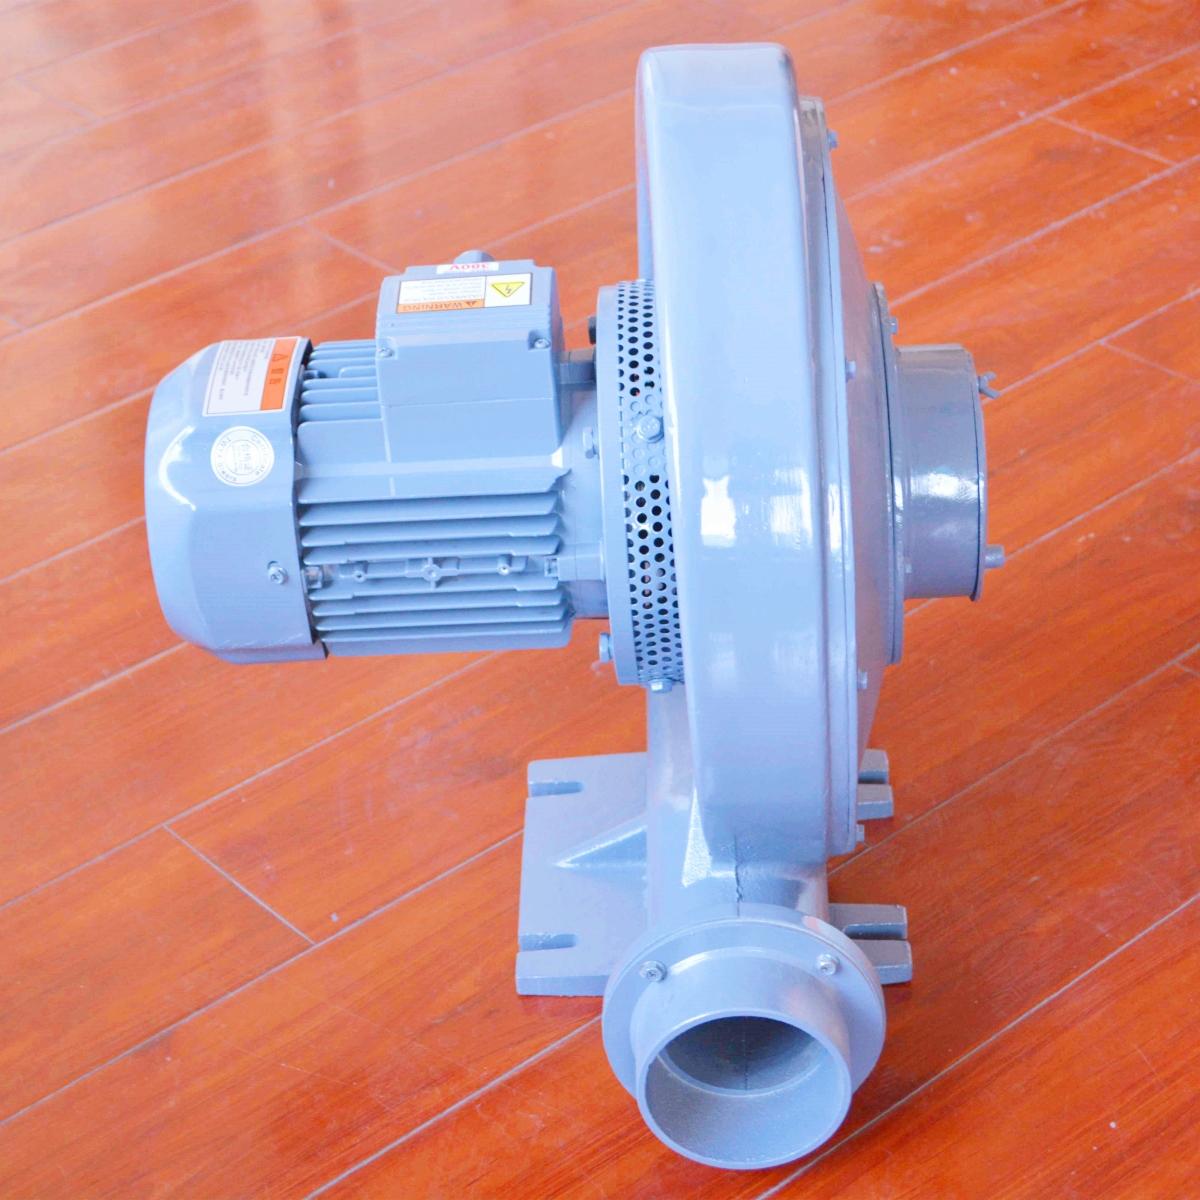 燃烧机专用中压风机,燃烧机助燃专用中压风机,锅炉送风专用中压风机示例图1